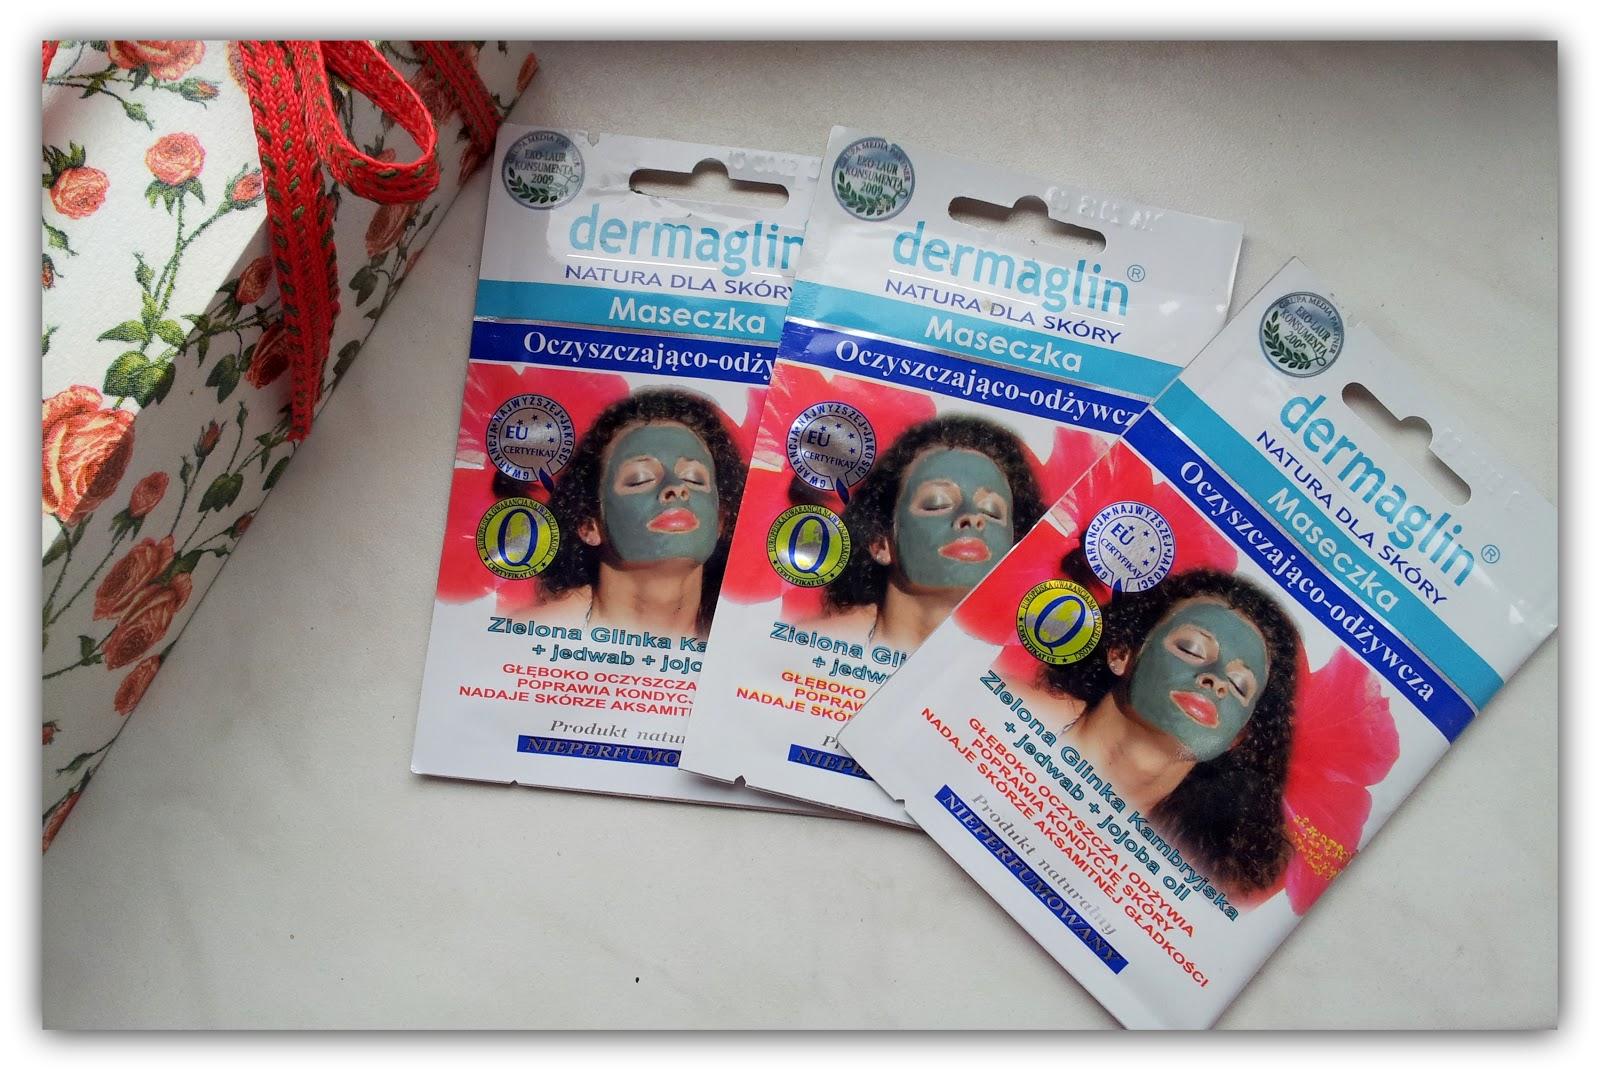 Podsumowanie testów maseczki odżywiająco- oczyszczającej firmy Dermaglin